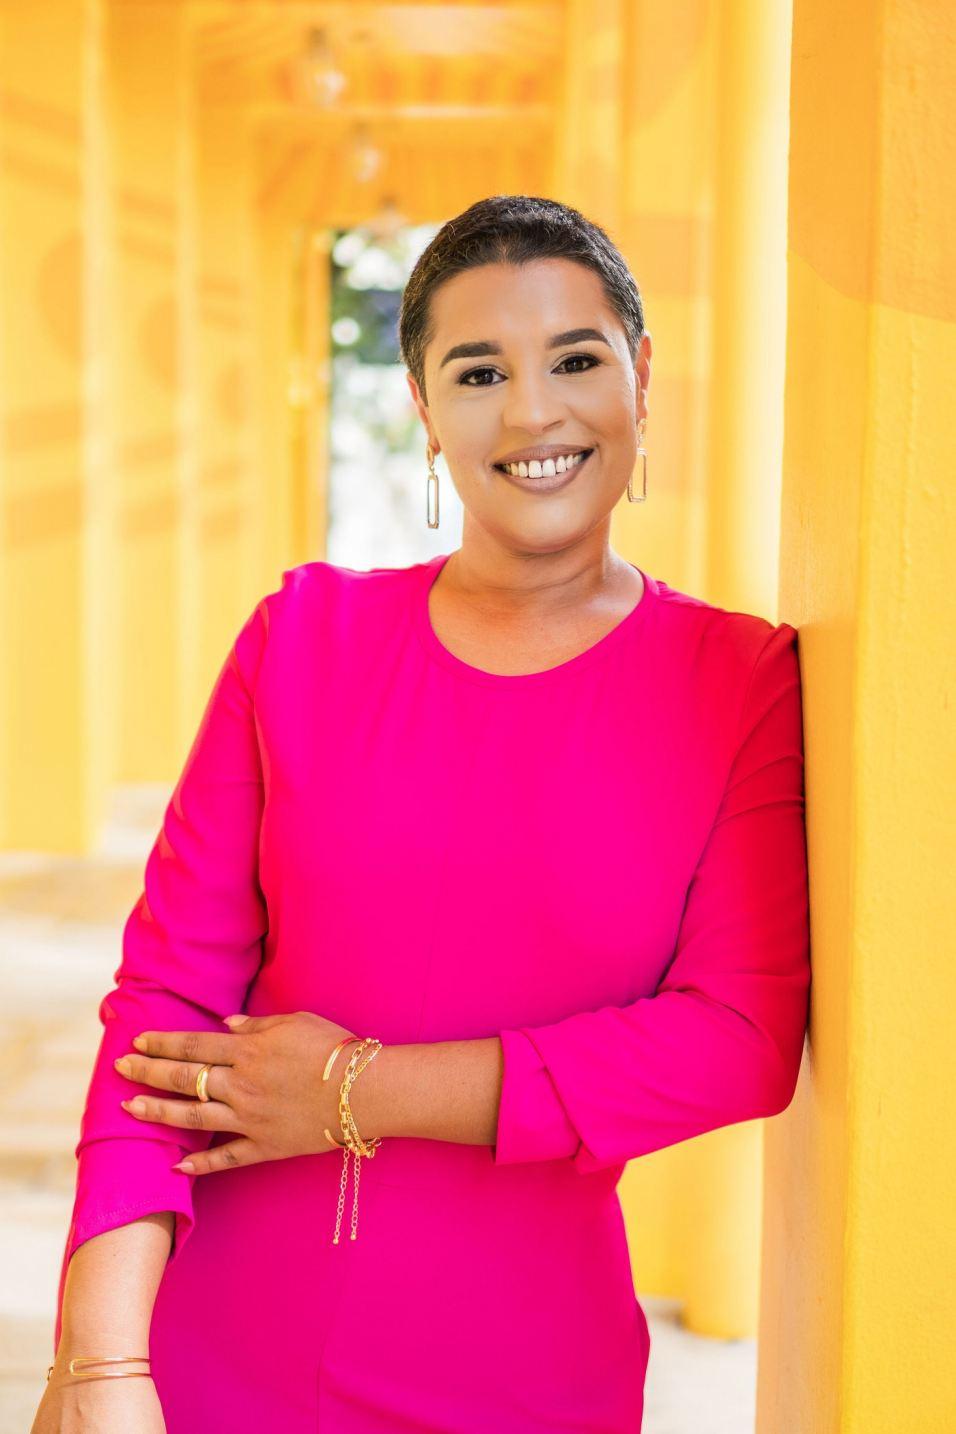 Shop Latina Made founder Erika Hernandez